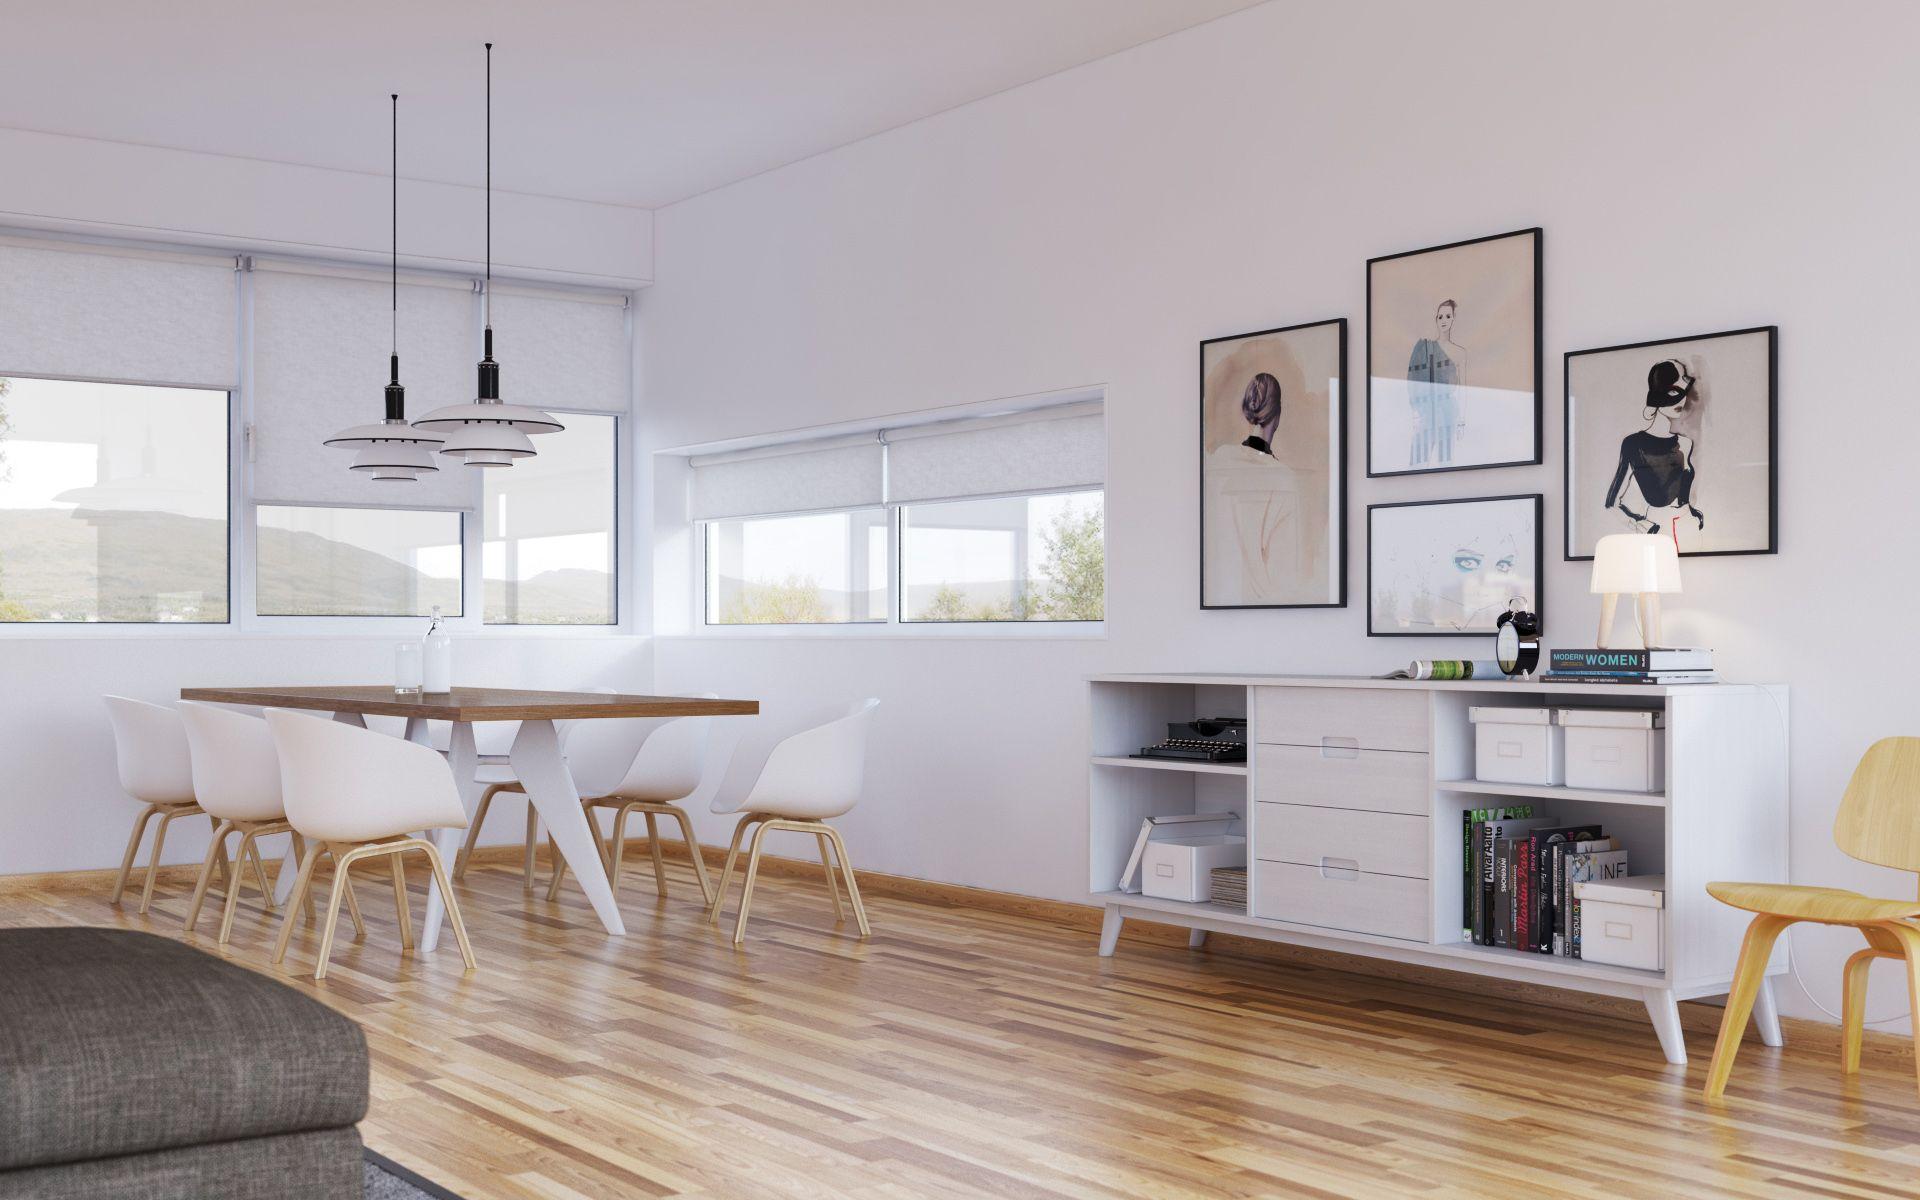 bestek kast + kaders | huisje | pinterest | scandinavian interior